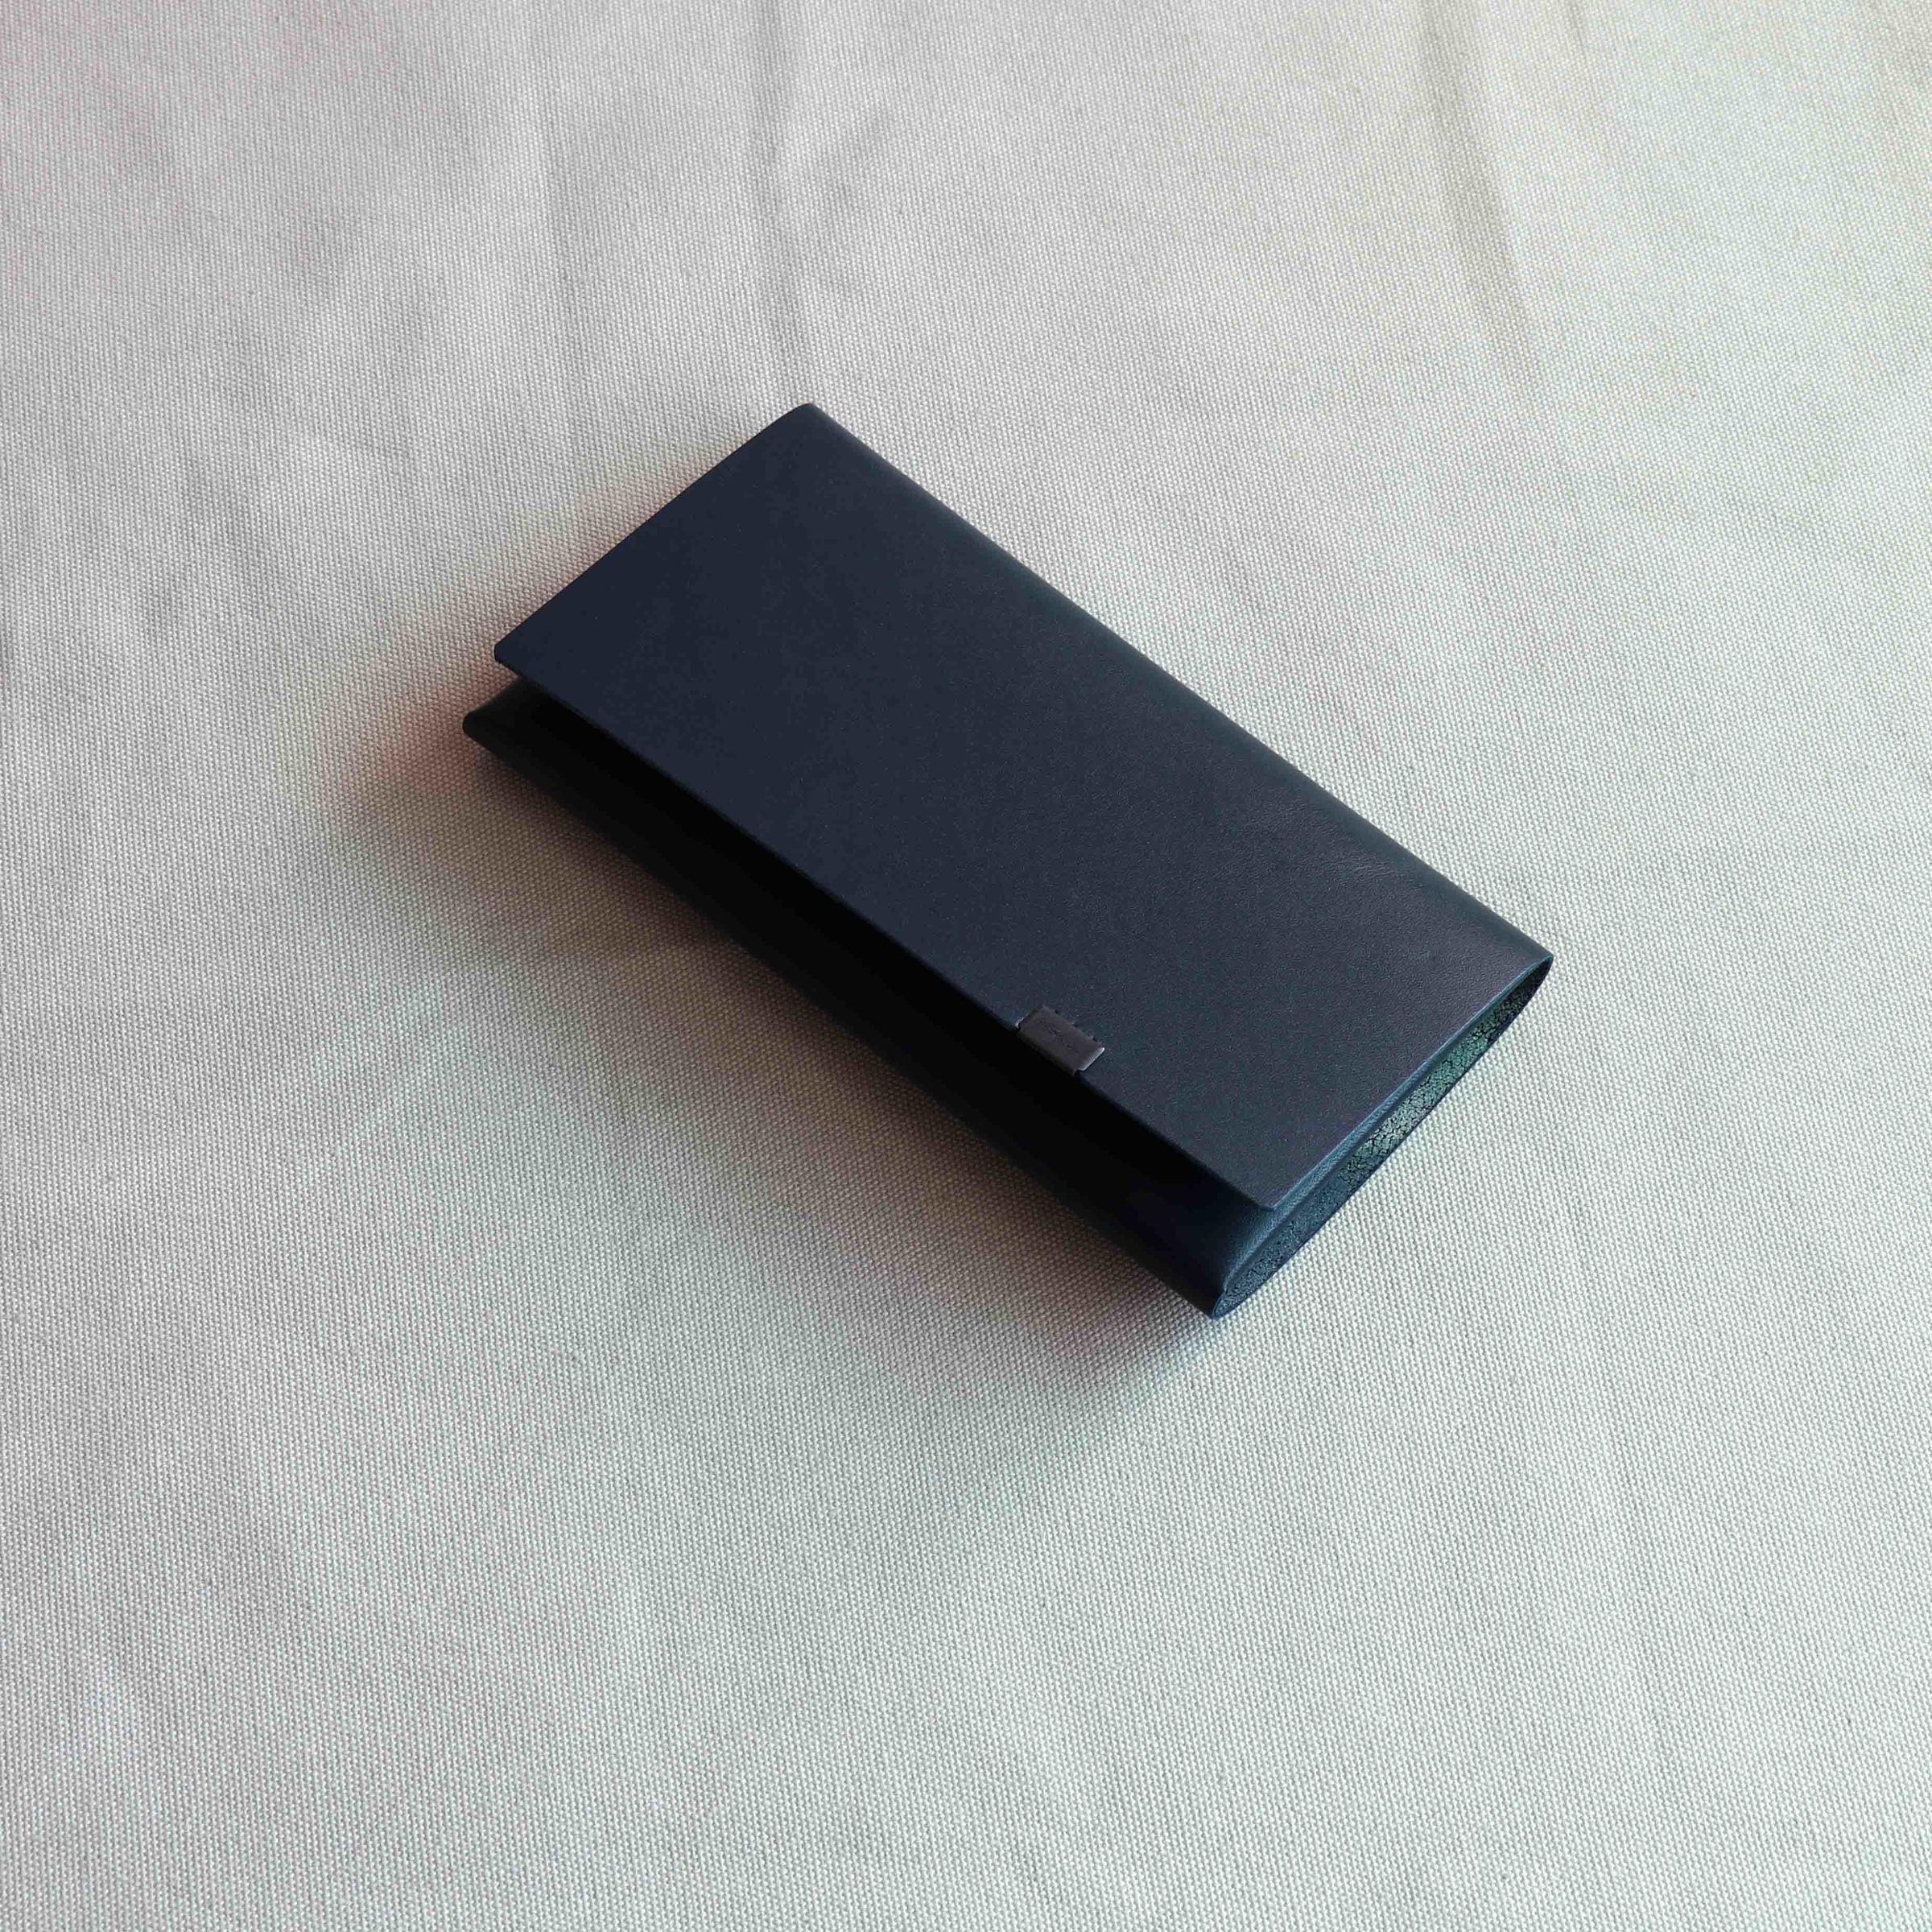 xDS03-10-NS_001_IMG_6013.jpg